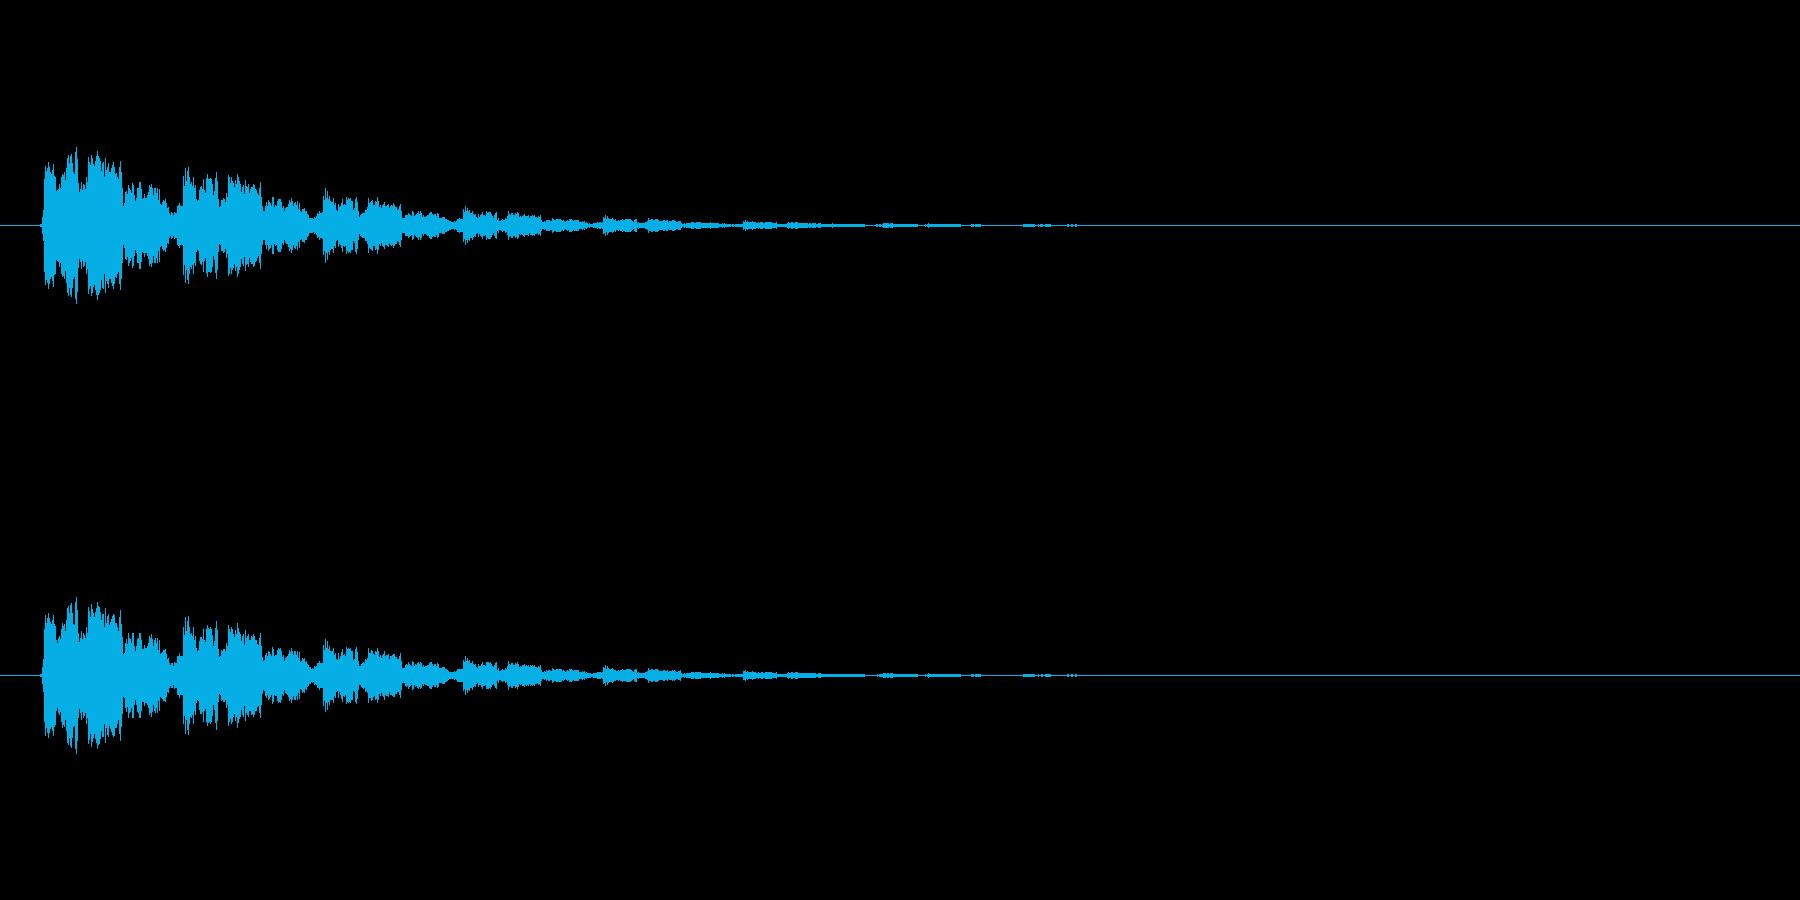 【光る06-2】の再生済みの波形